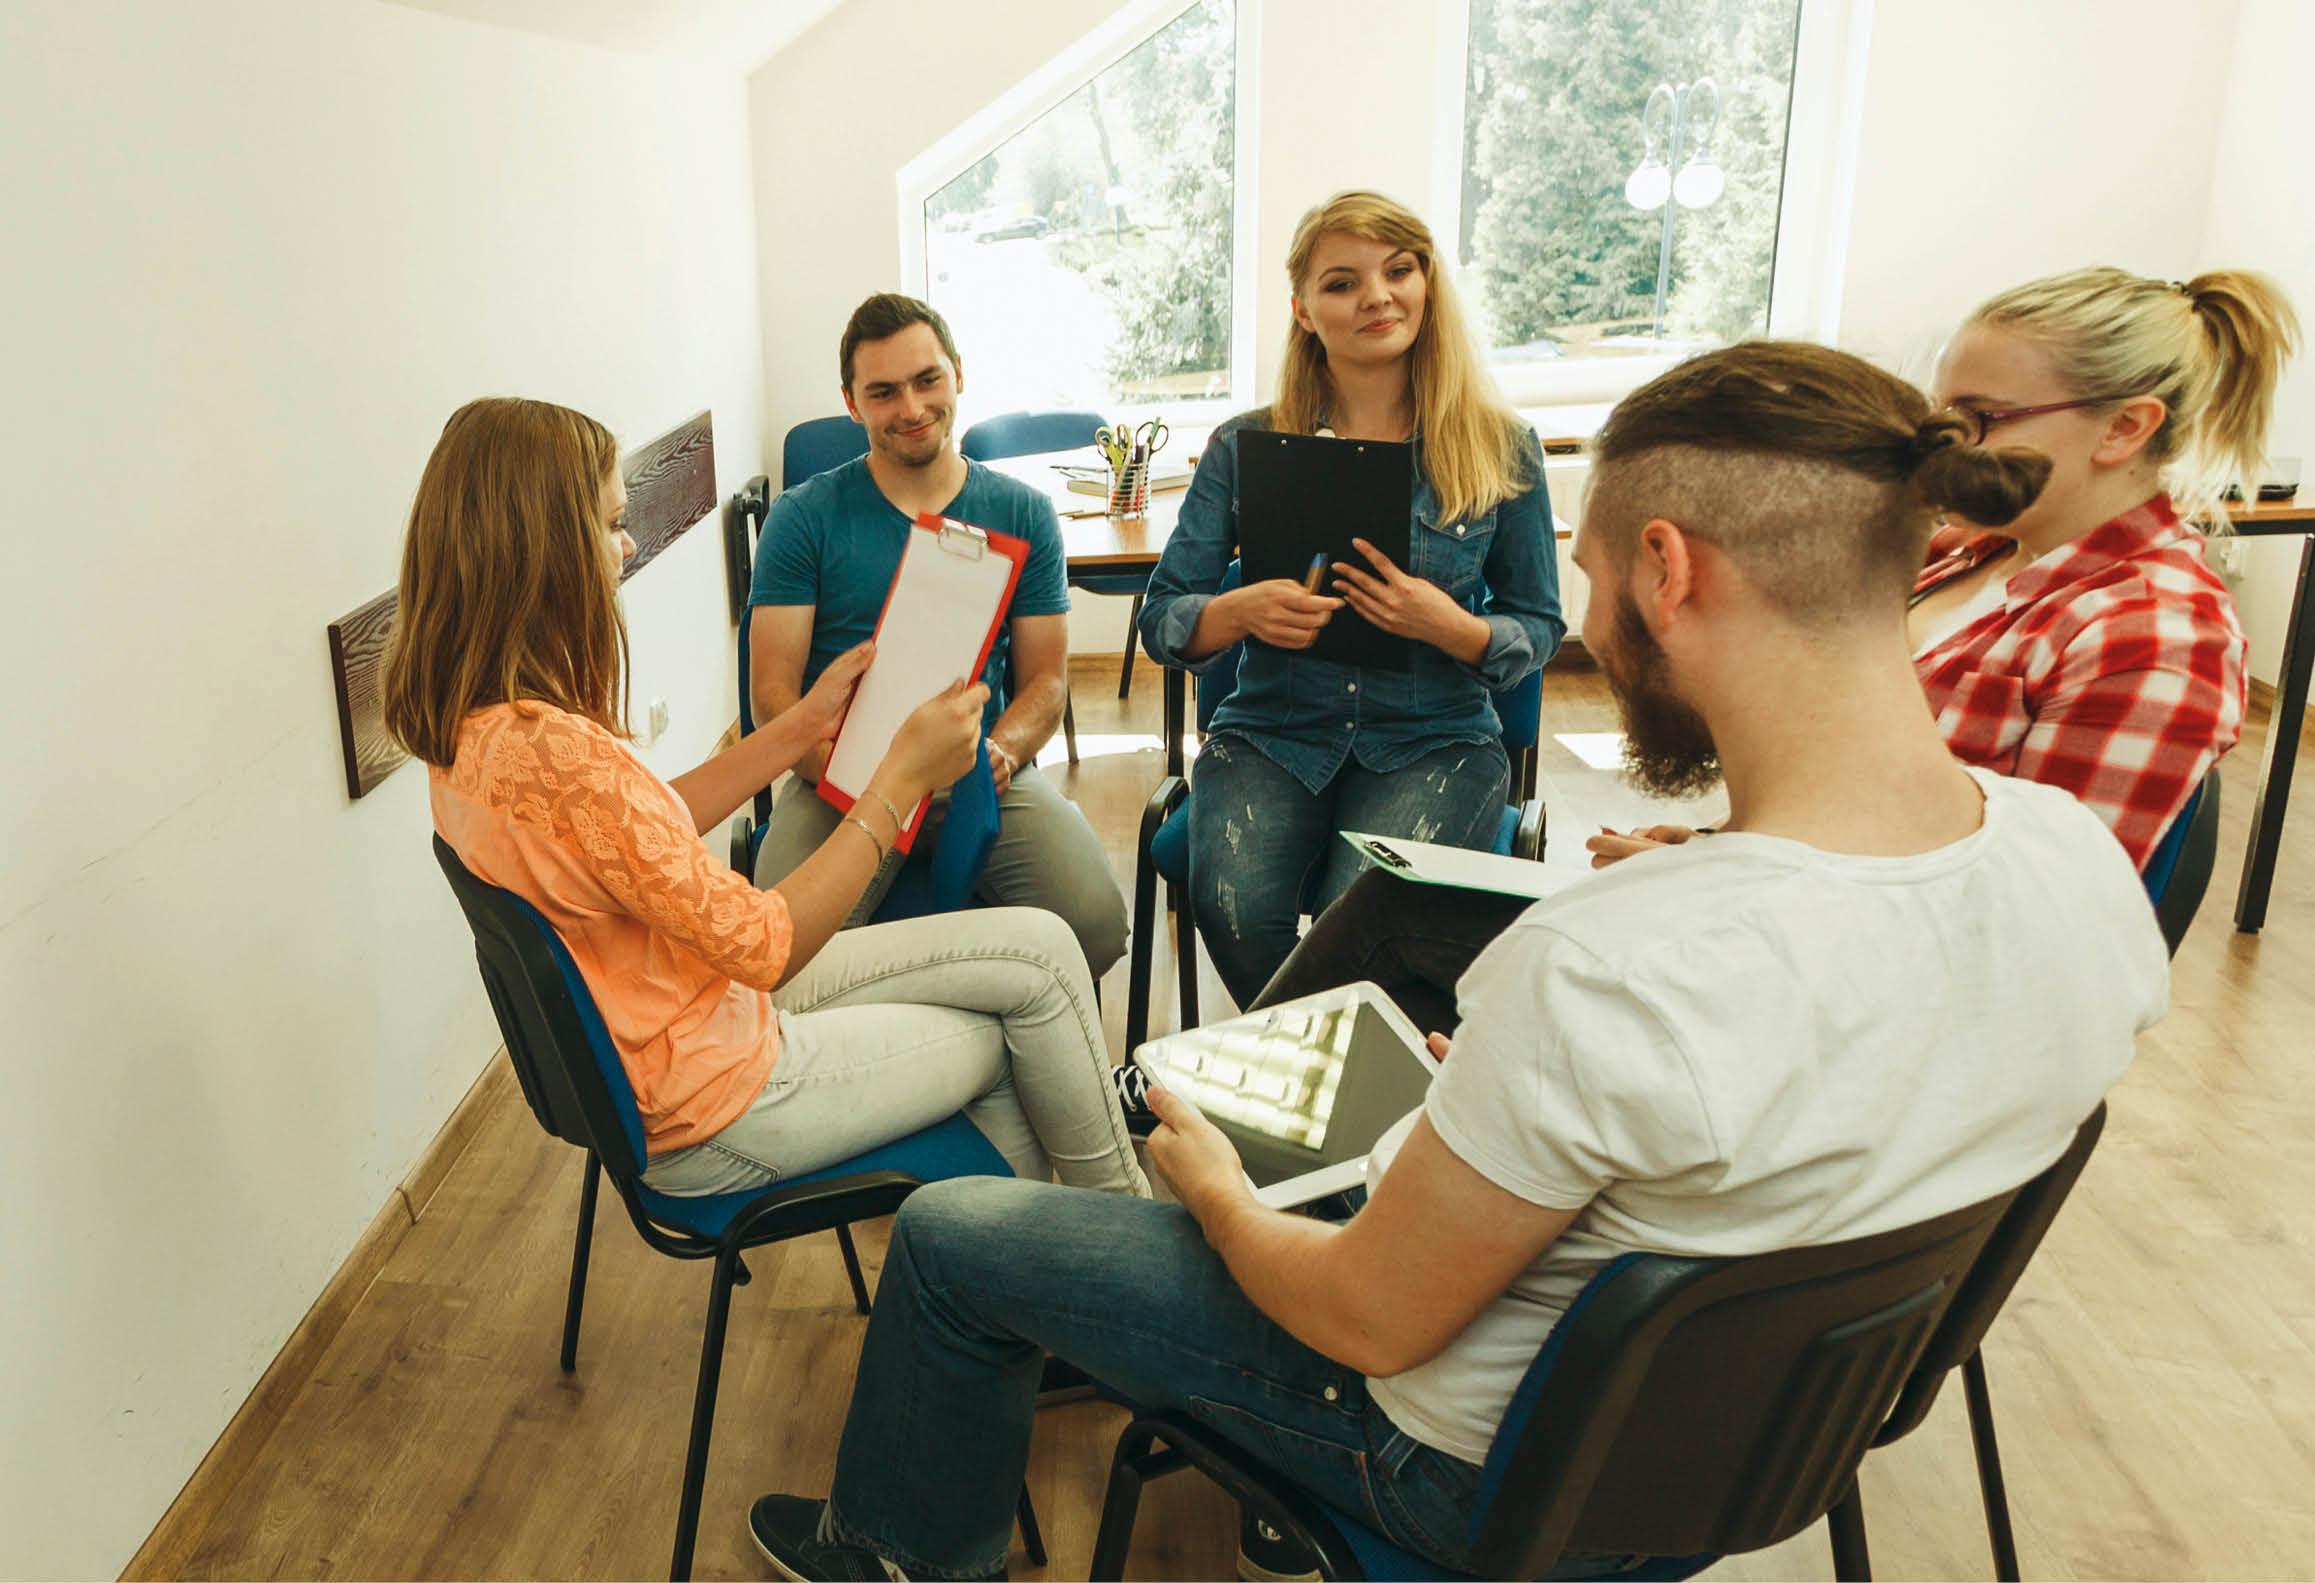 Elever diskuterar och samarbetar i grupp